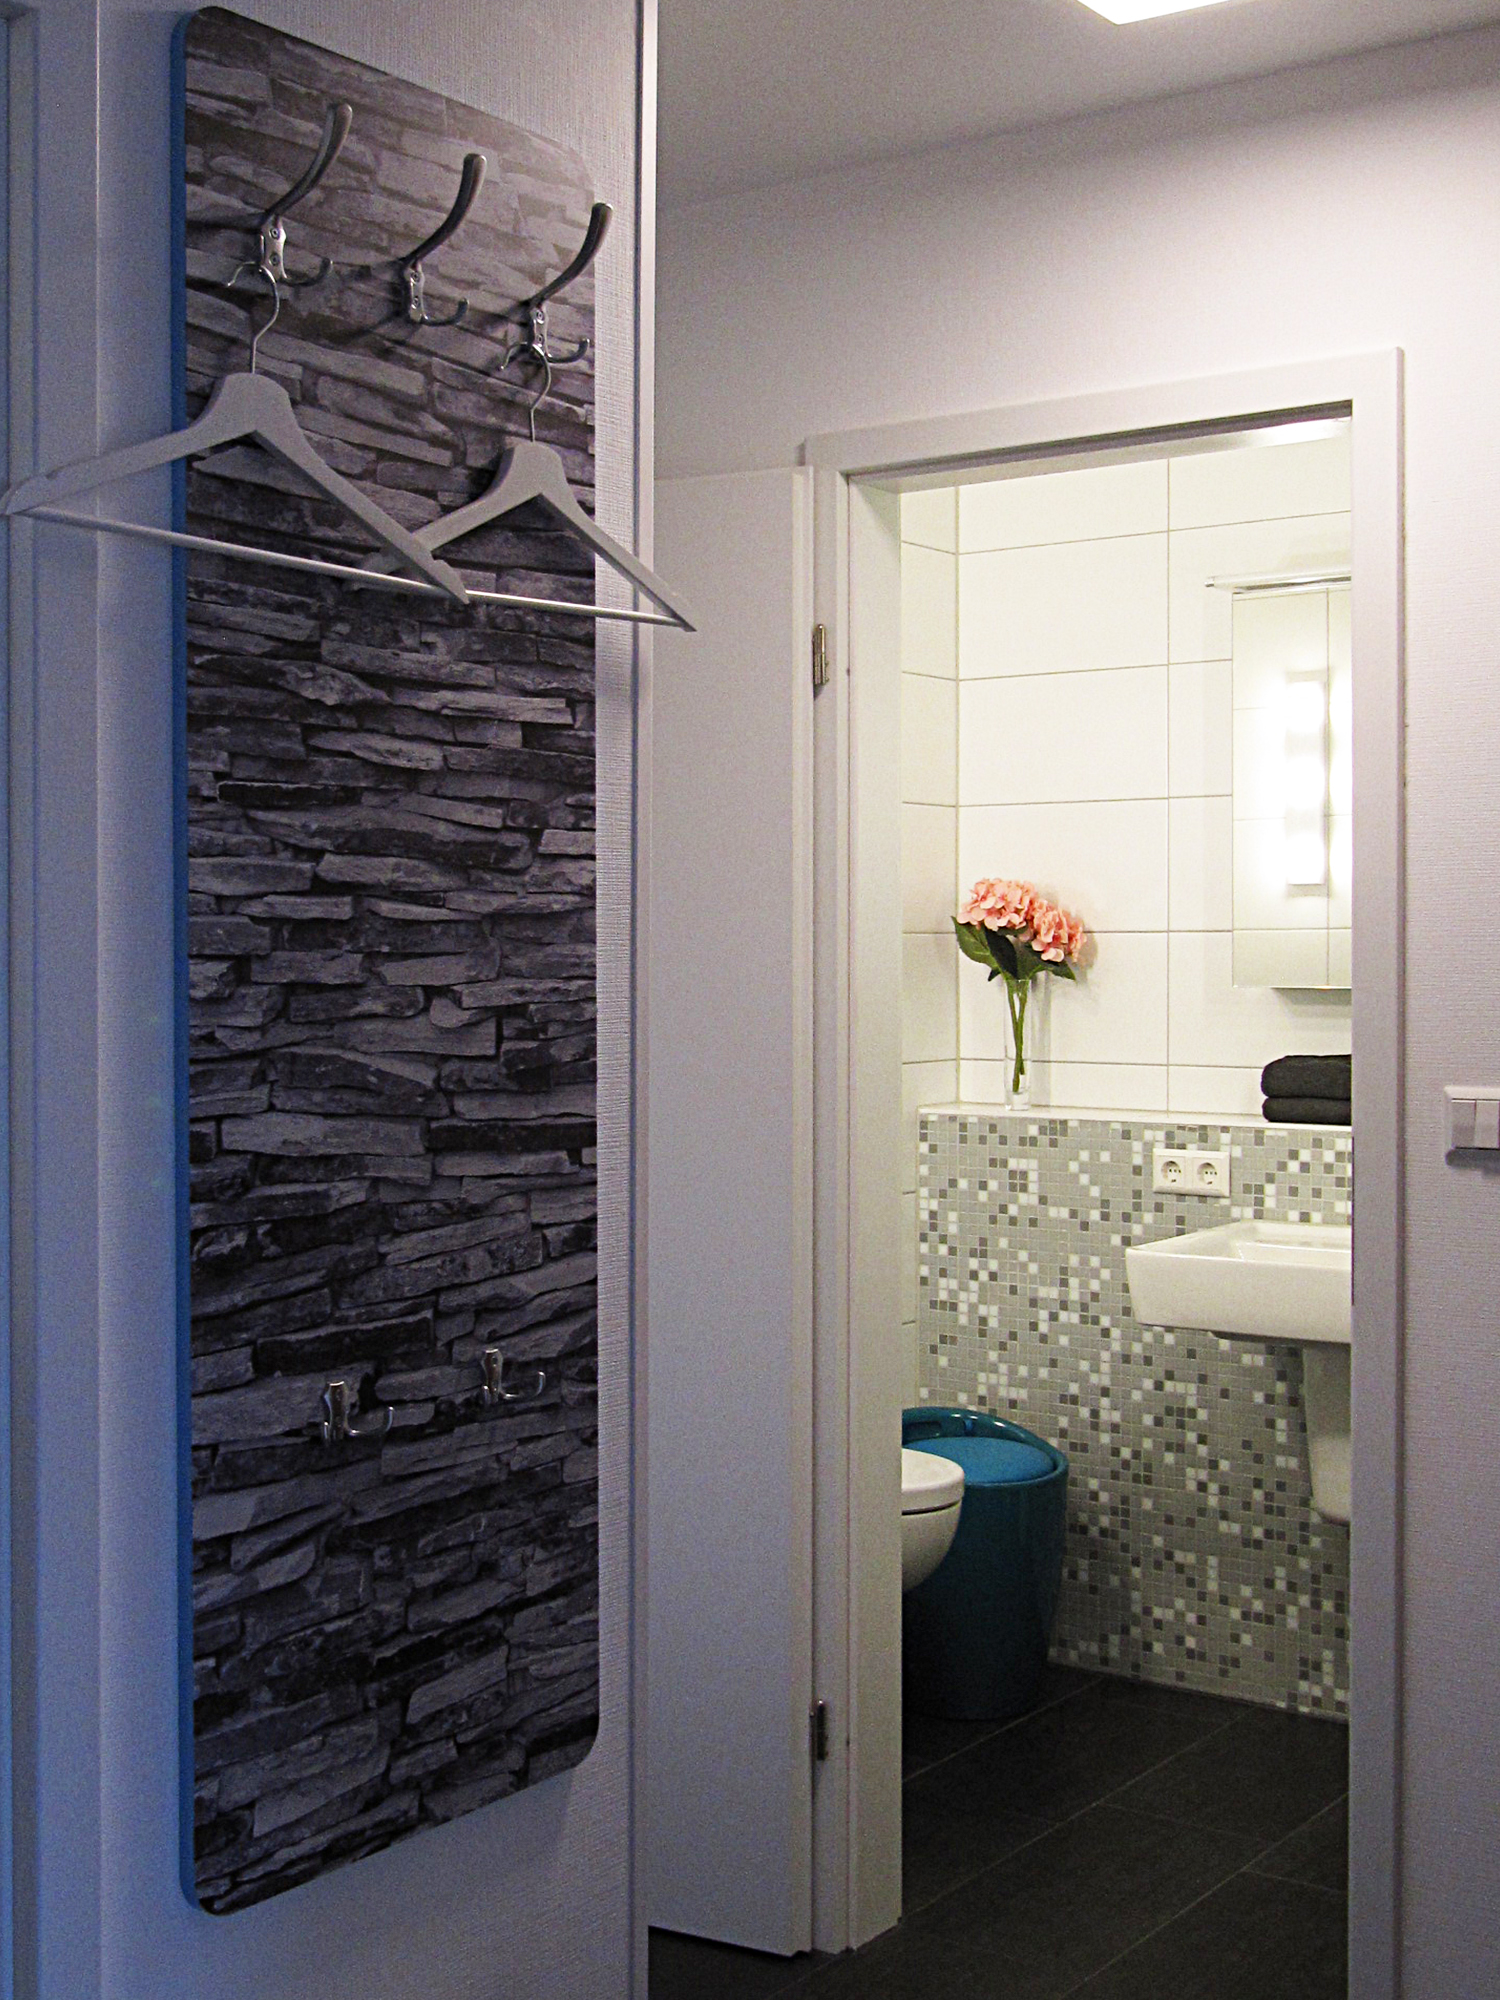 Diele mit Garderobe und Zugang zum Badezimmer